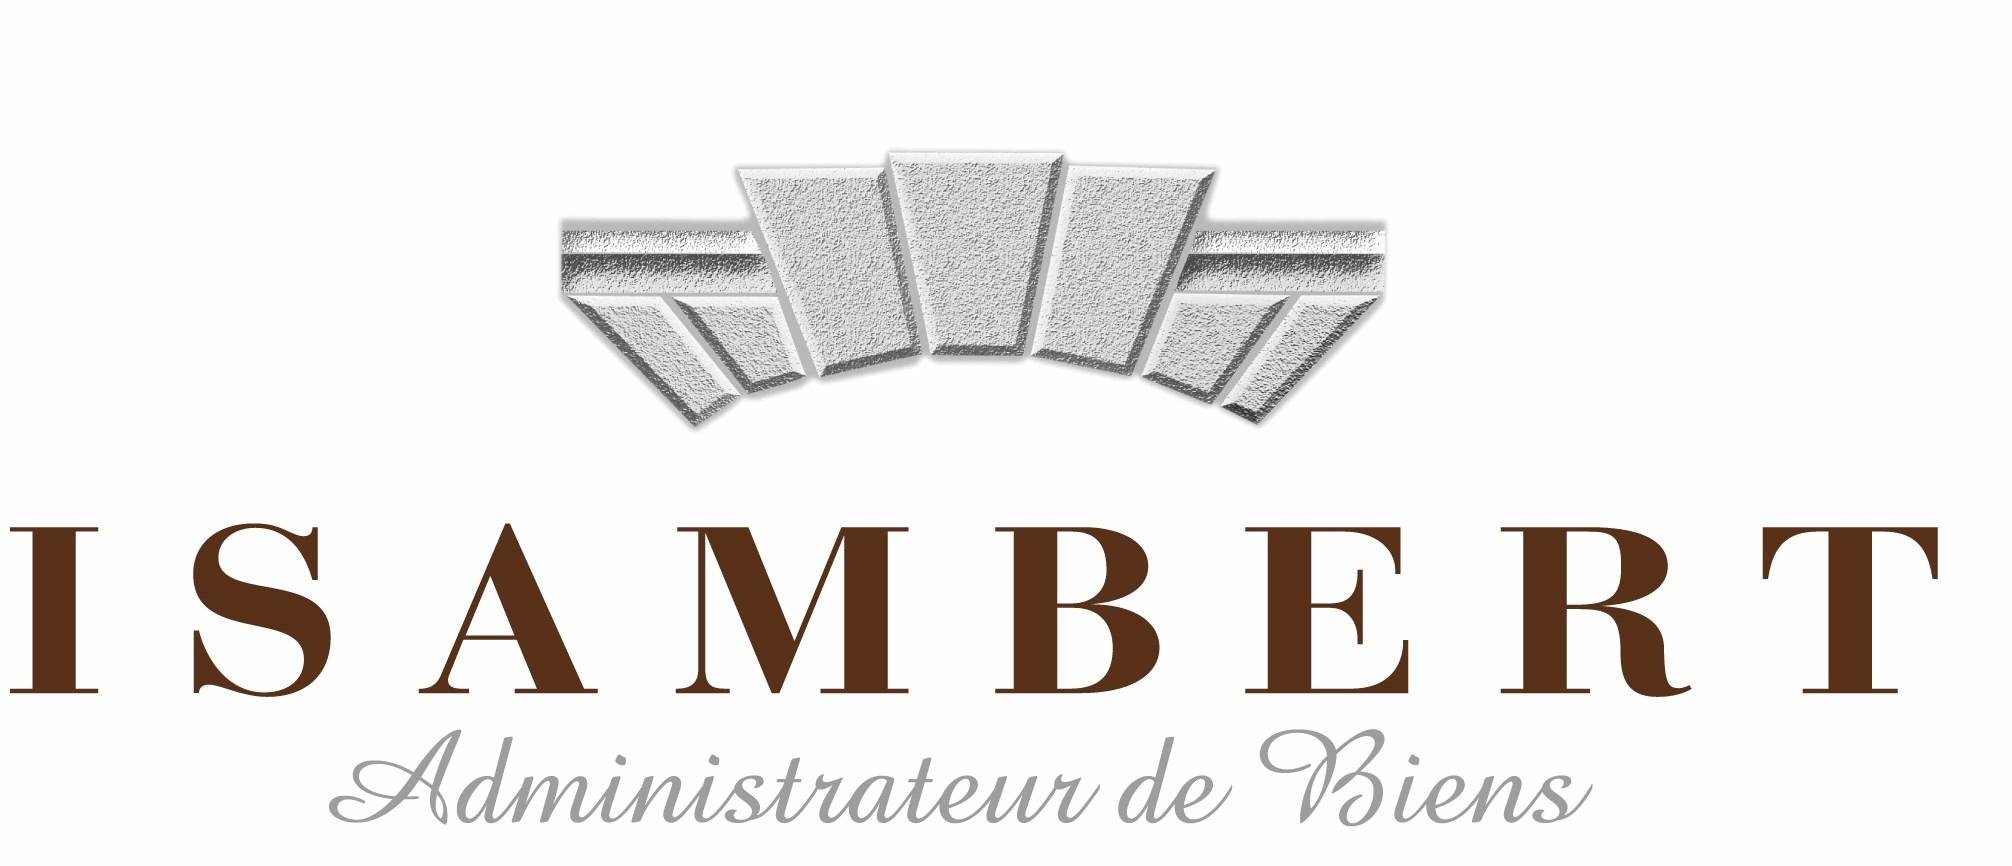 ISAMBERT